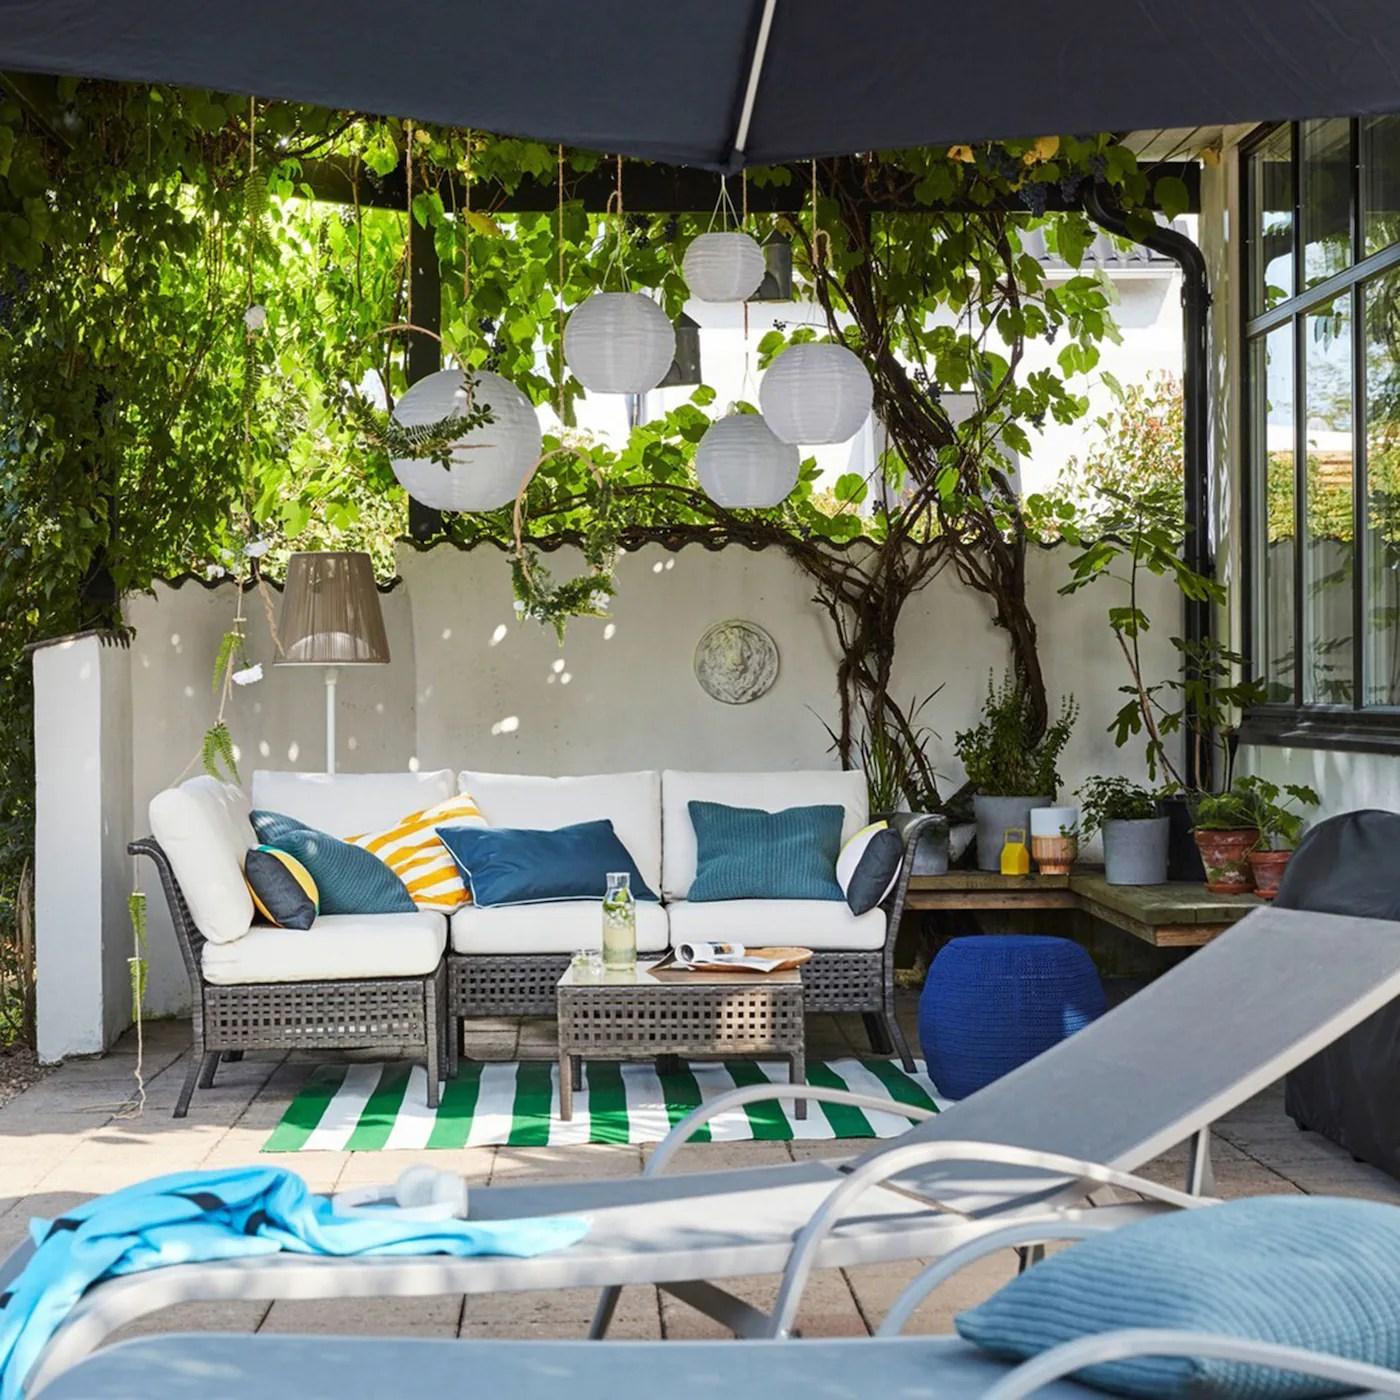 An Outdoor Living Room Ikea Switzerland